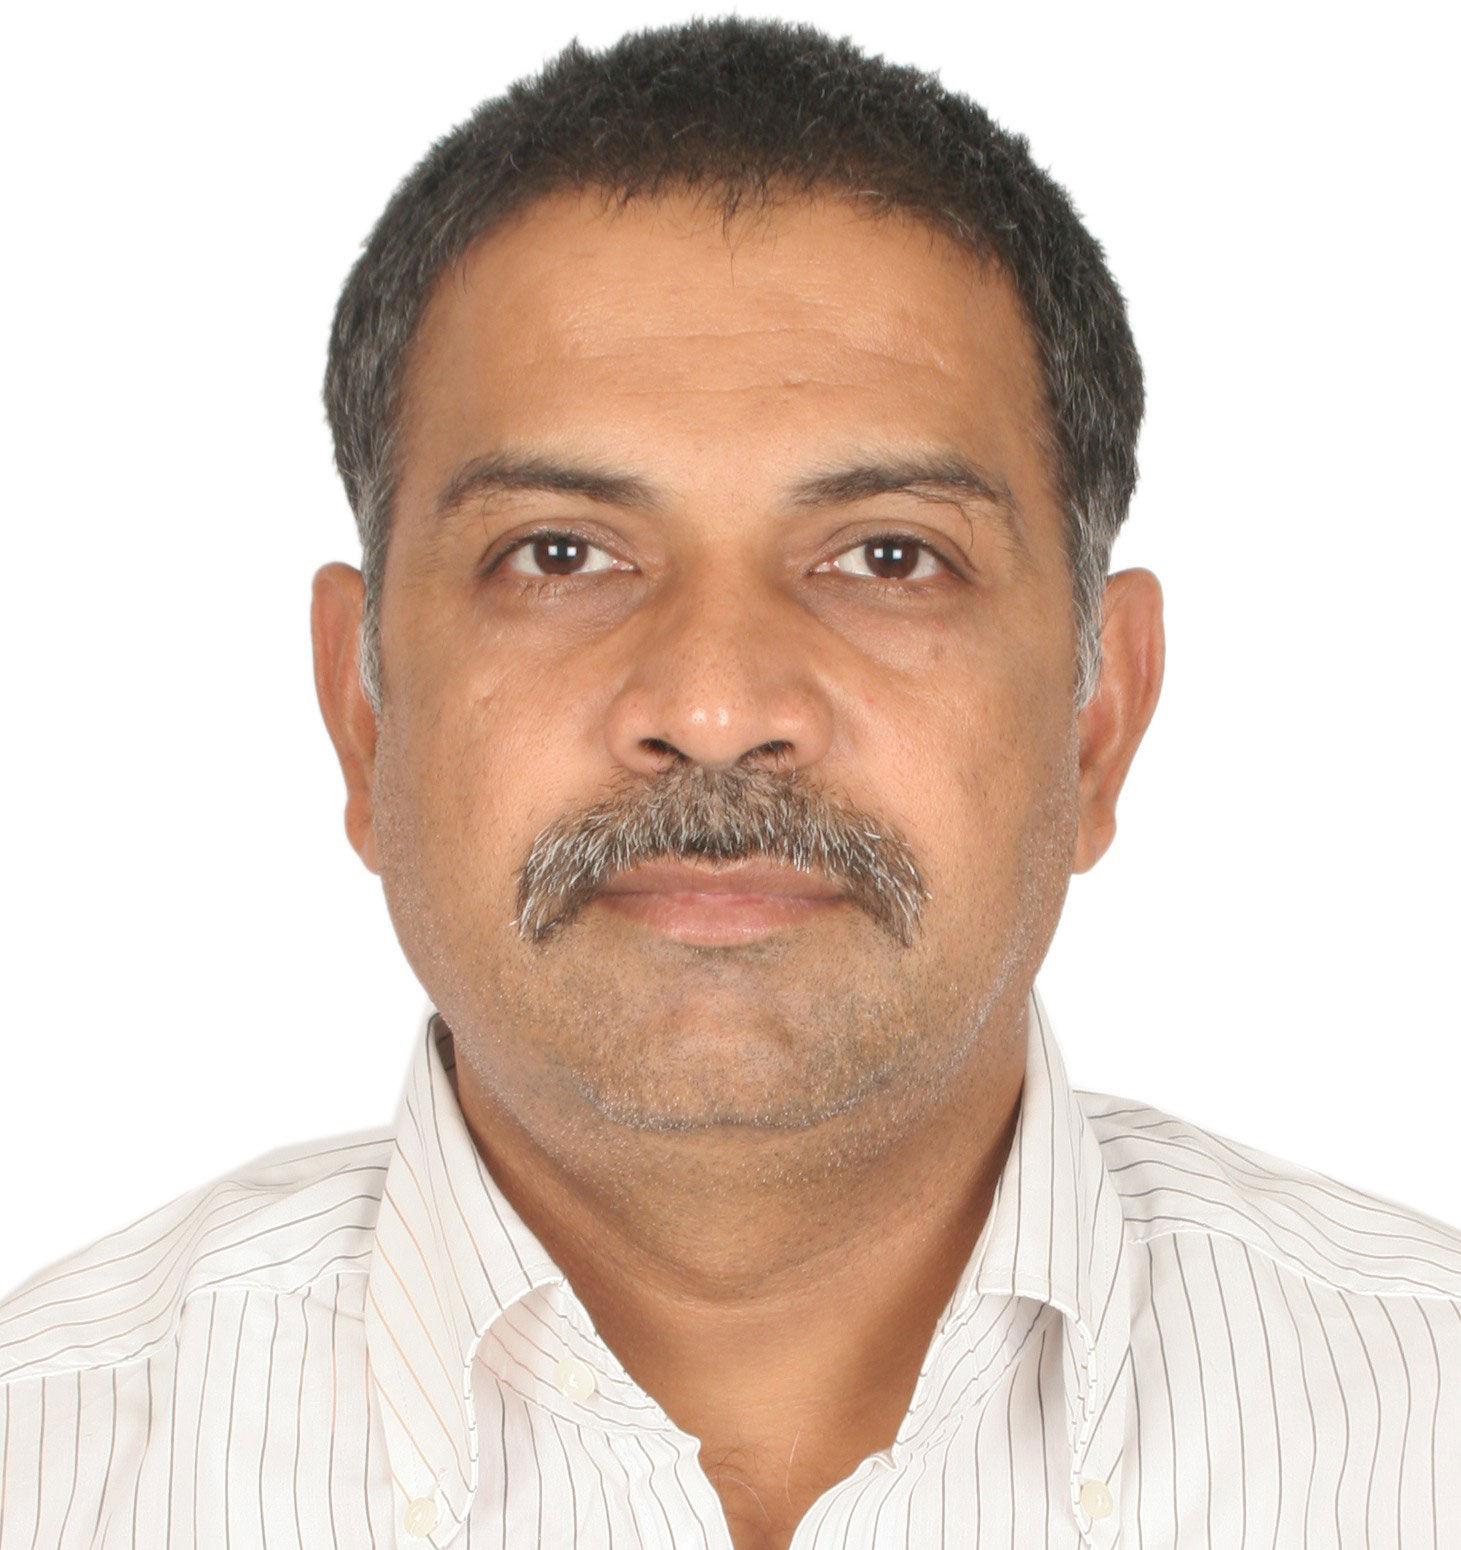 Mr. Prabhas Pande